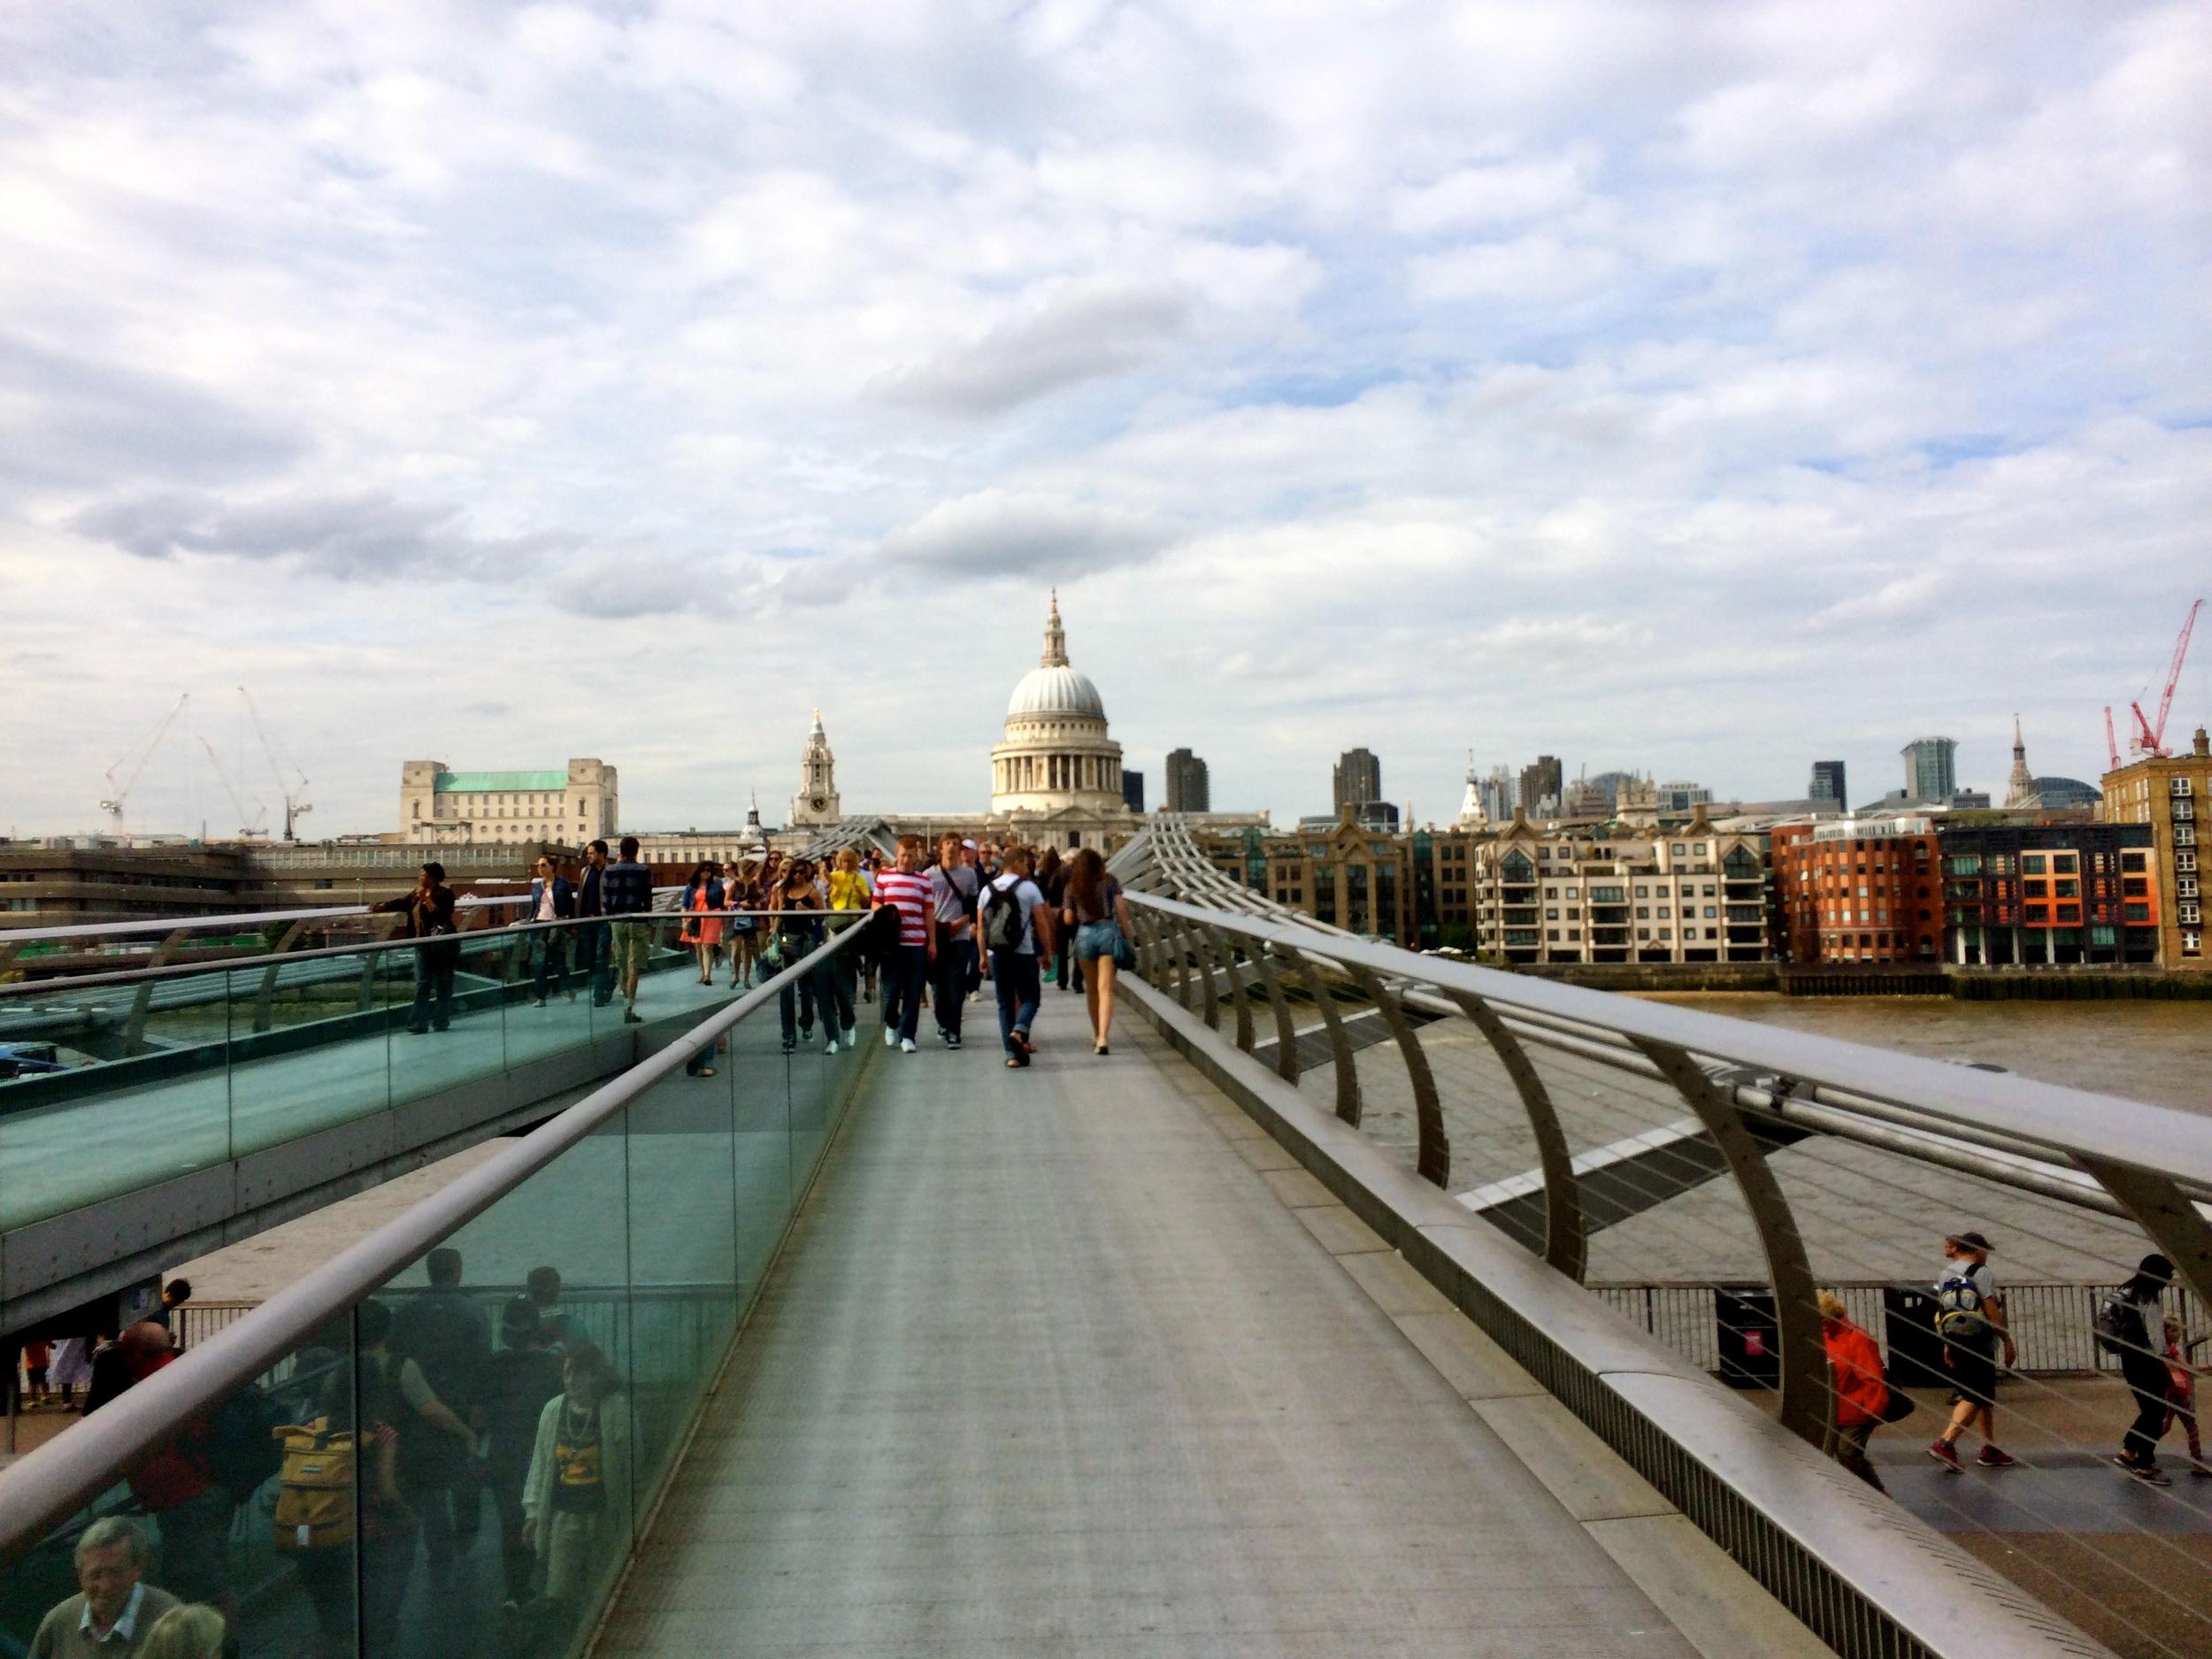 Millennium Bridge to St. Paul's